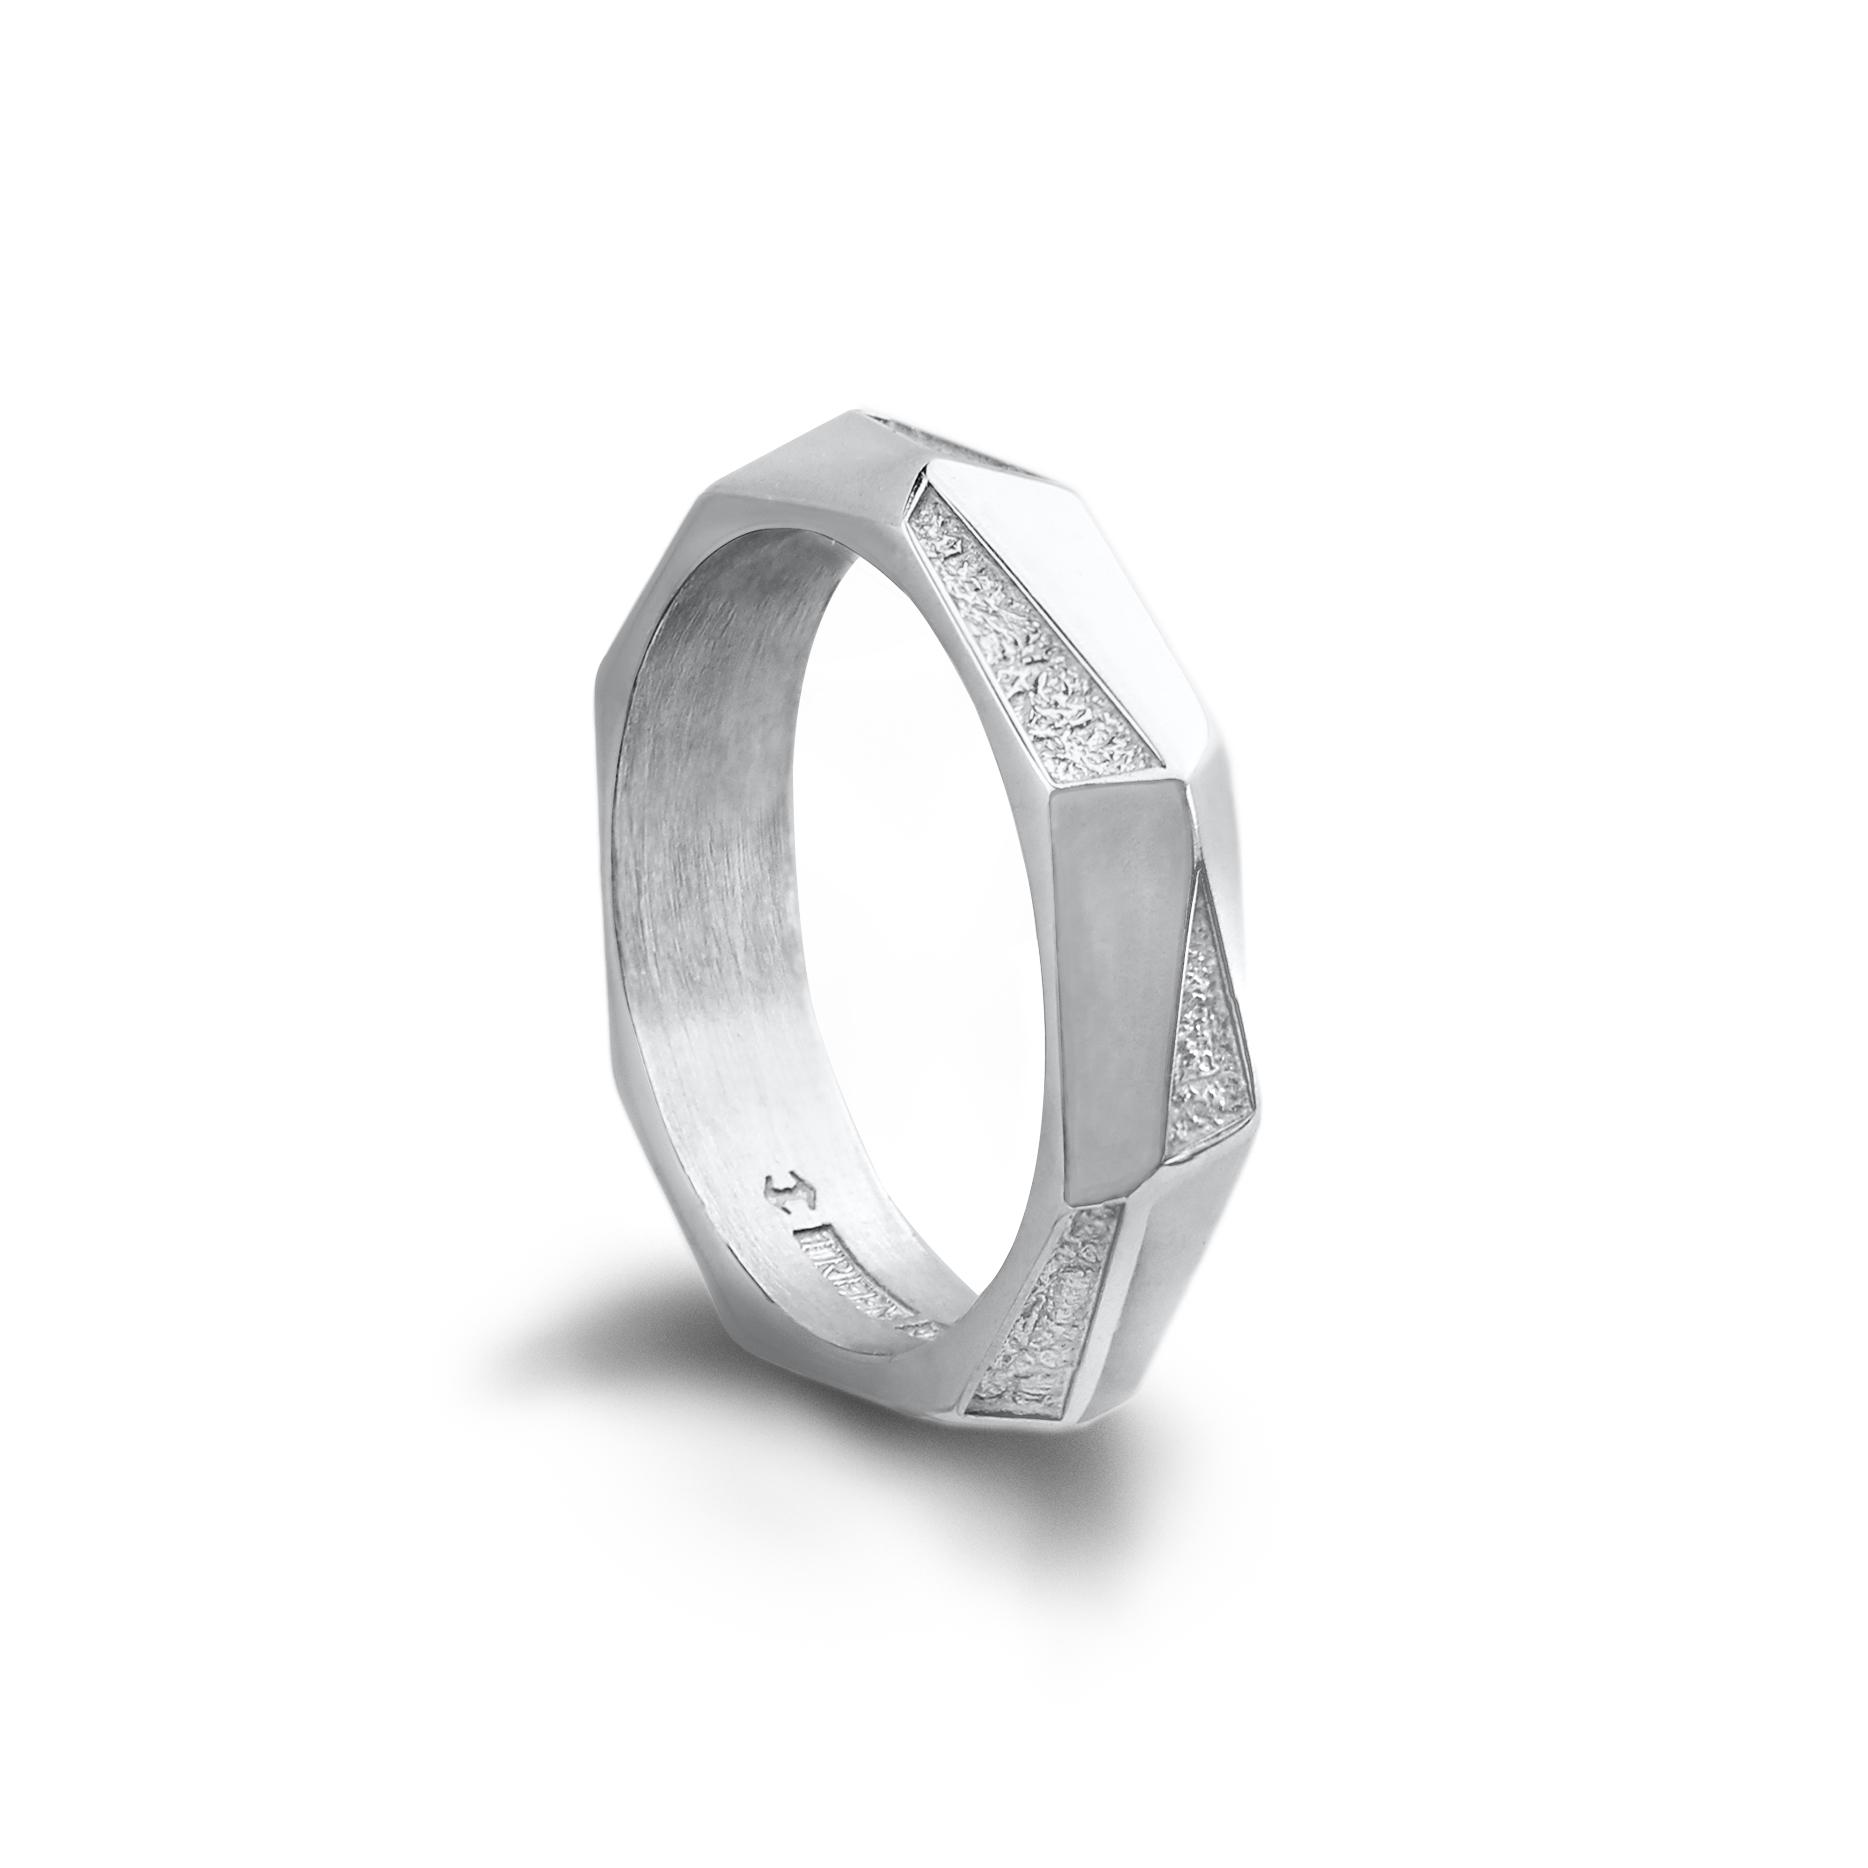 arktik arktis ring sterling silver 935